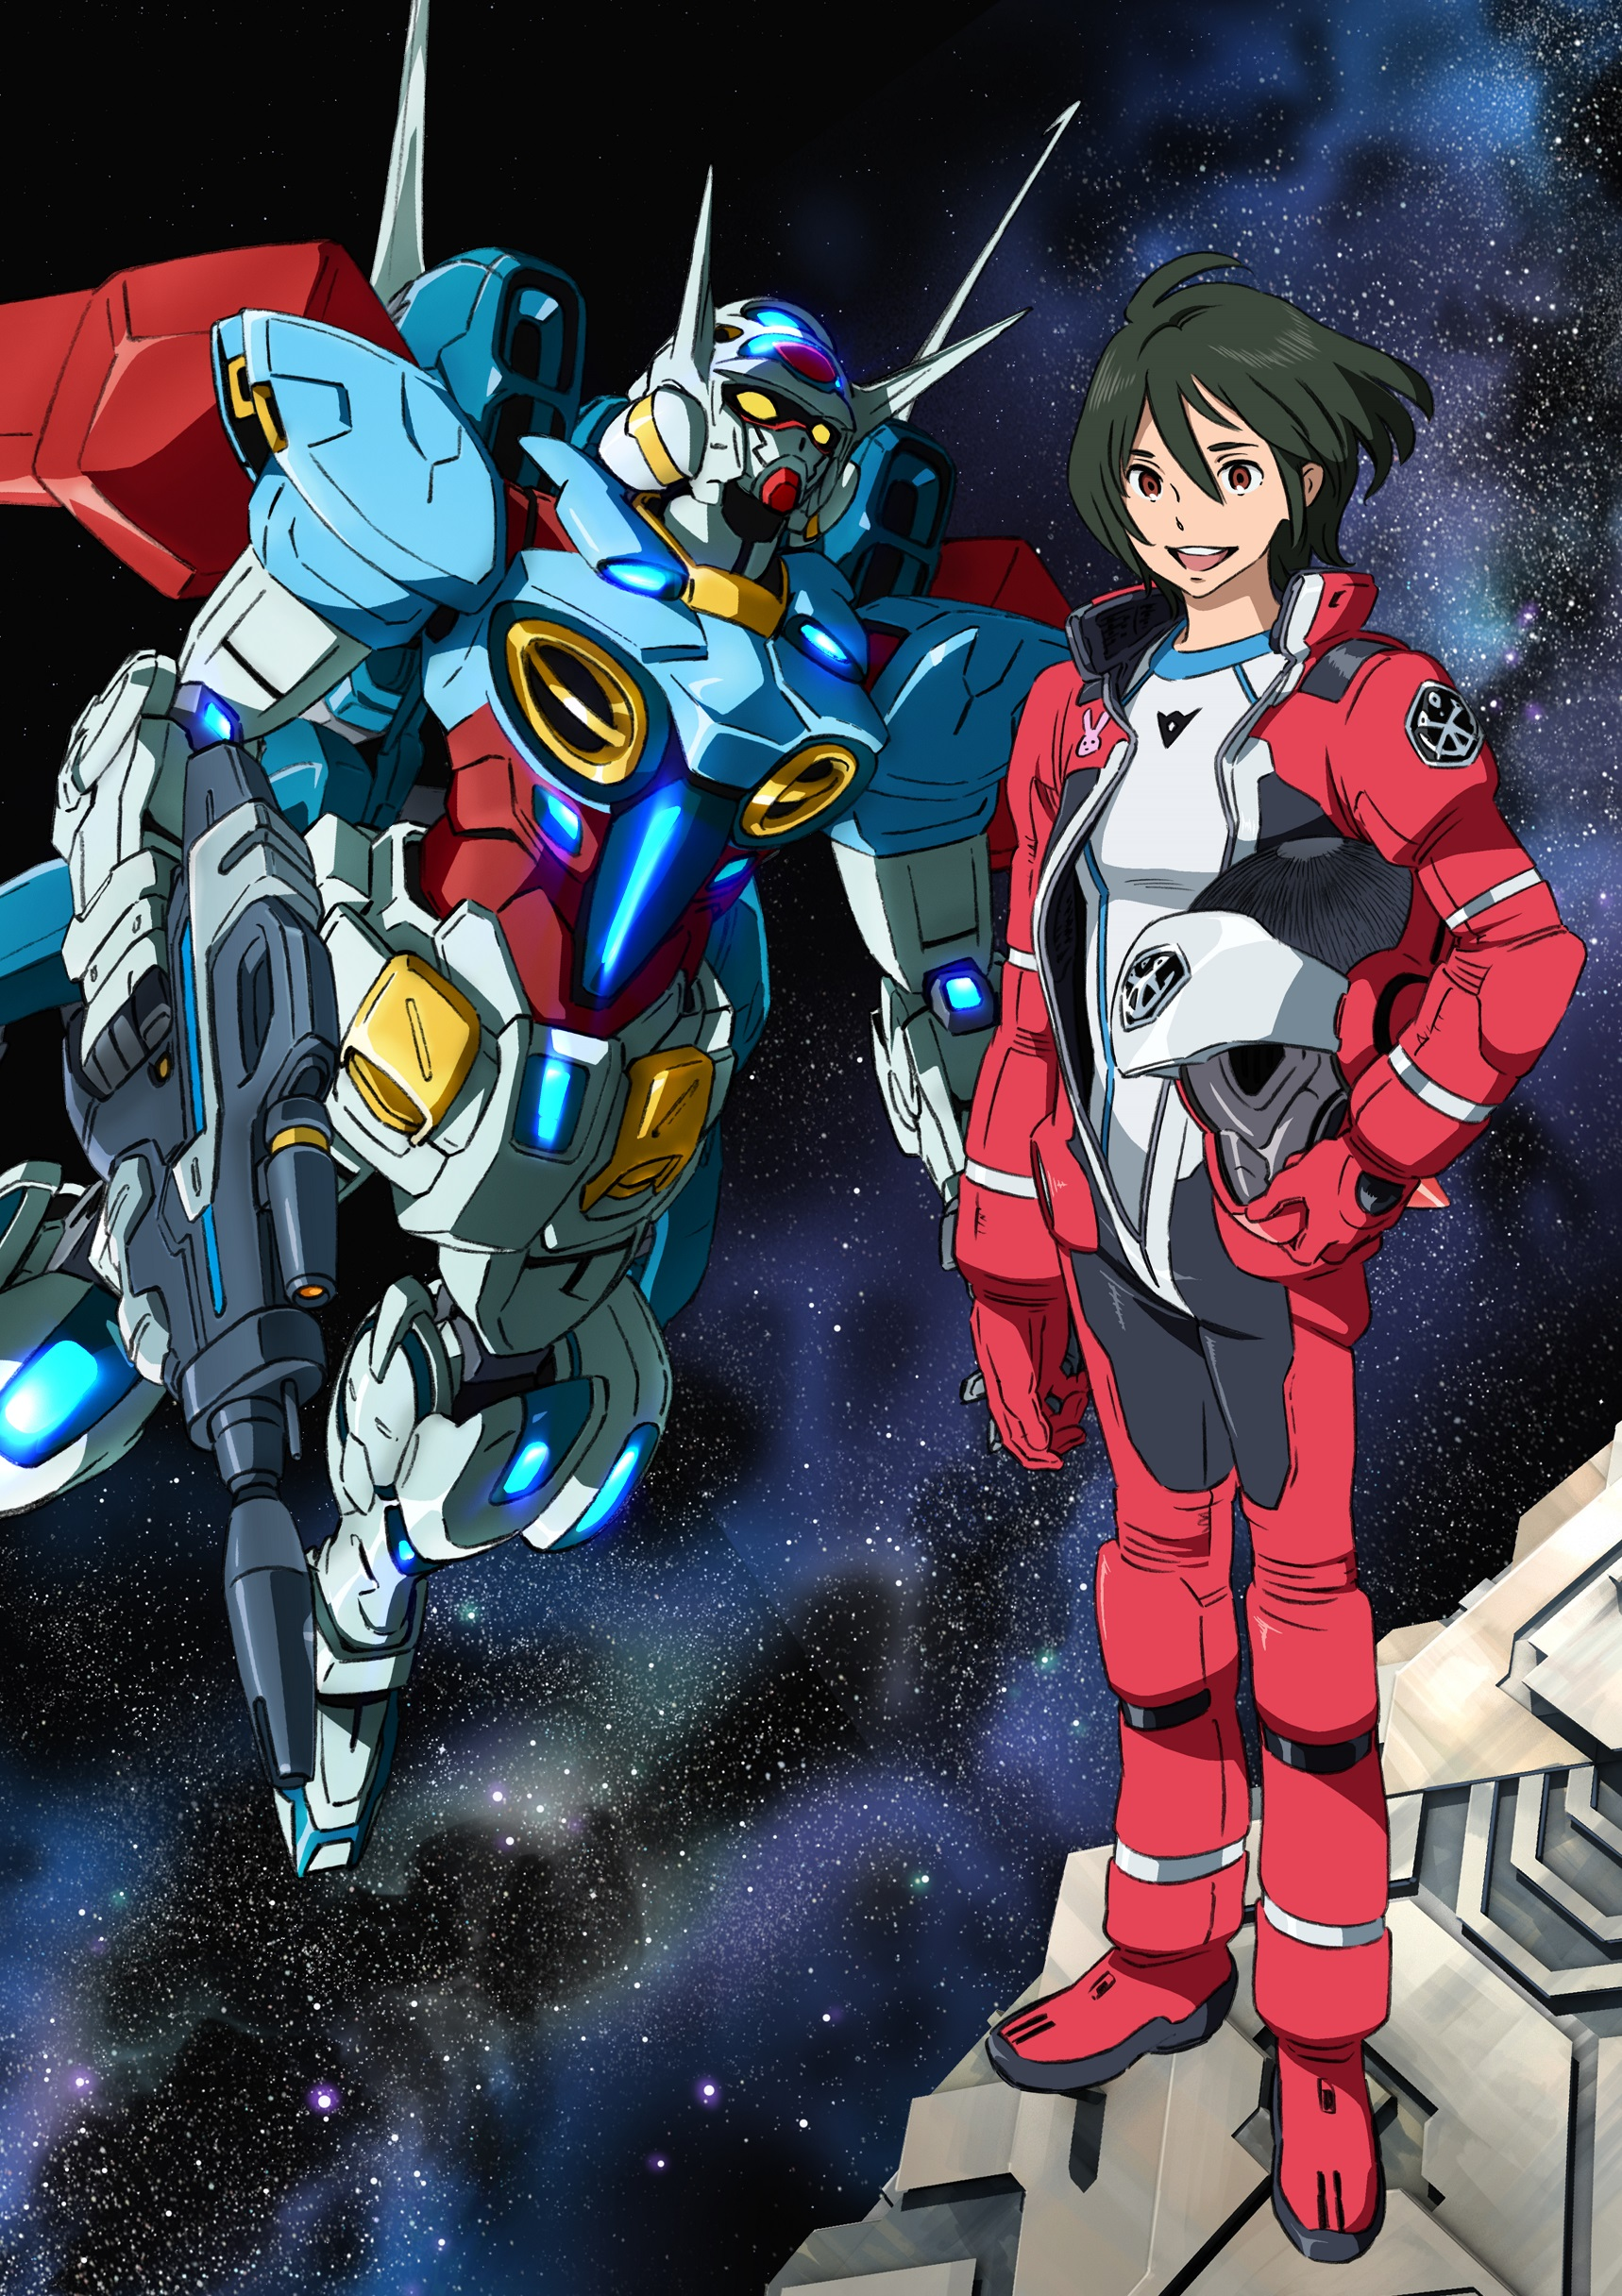 本日よりtvアニメ ガンダム gのレコンギスタ hd画質で配信開始